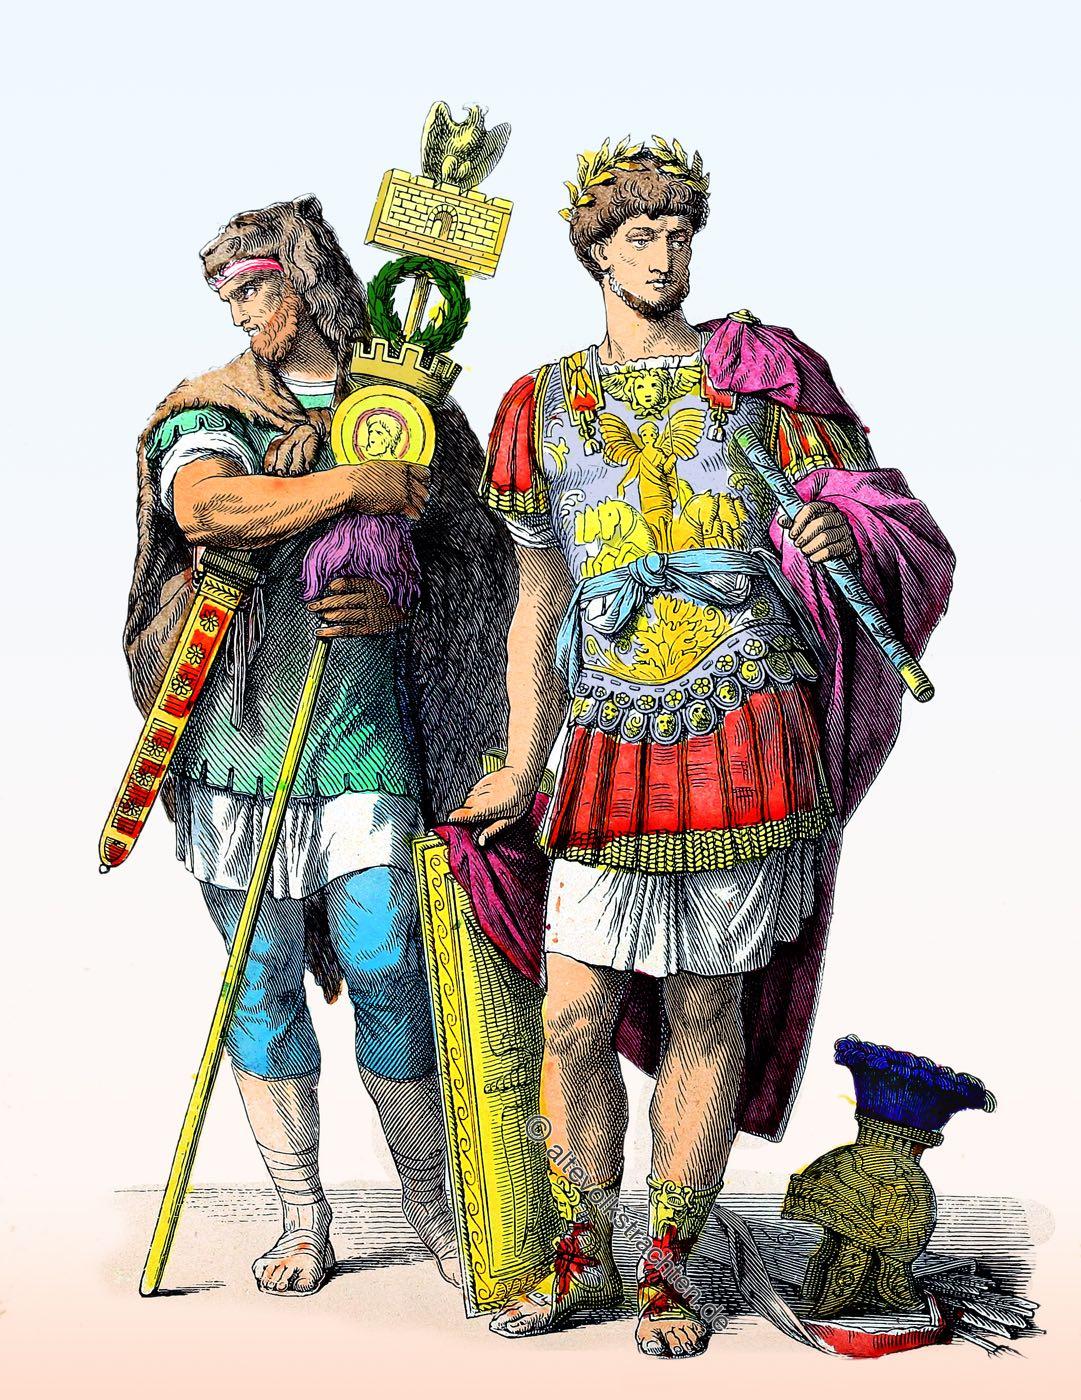 Münchener Bilderbogen, Legionär, Römischer Feldherr, Insignienträger, Germane, Kostüme, Rom, Antike, Soldat,